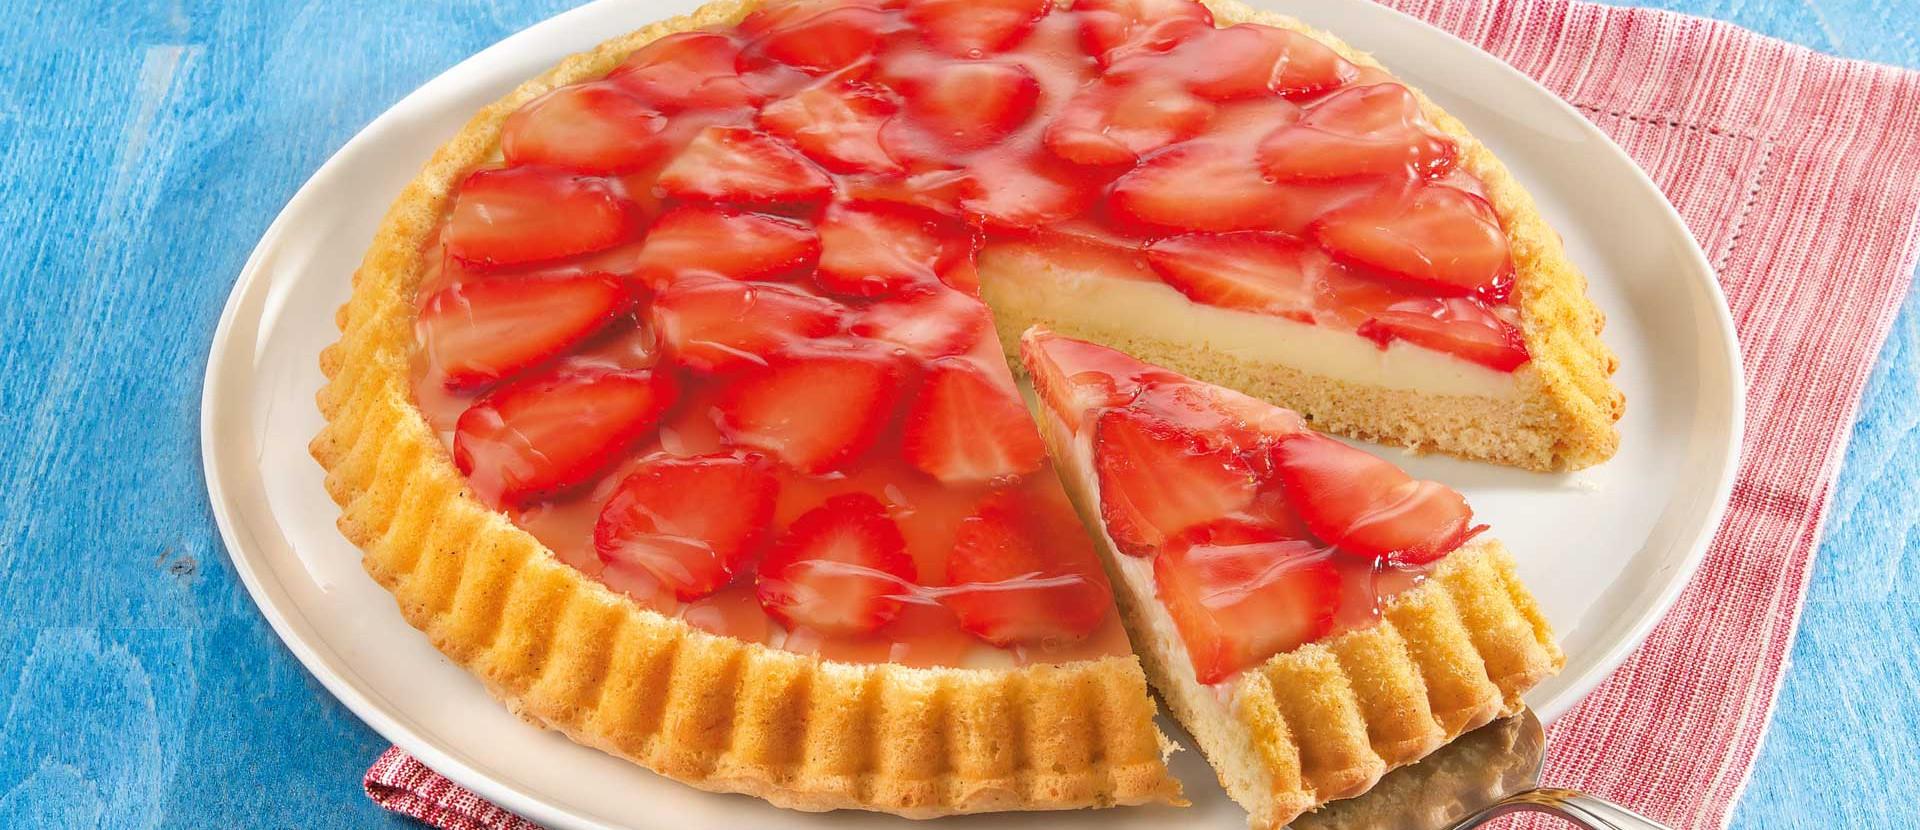 Erdbeer Biskuit mit Vanillecreme